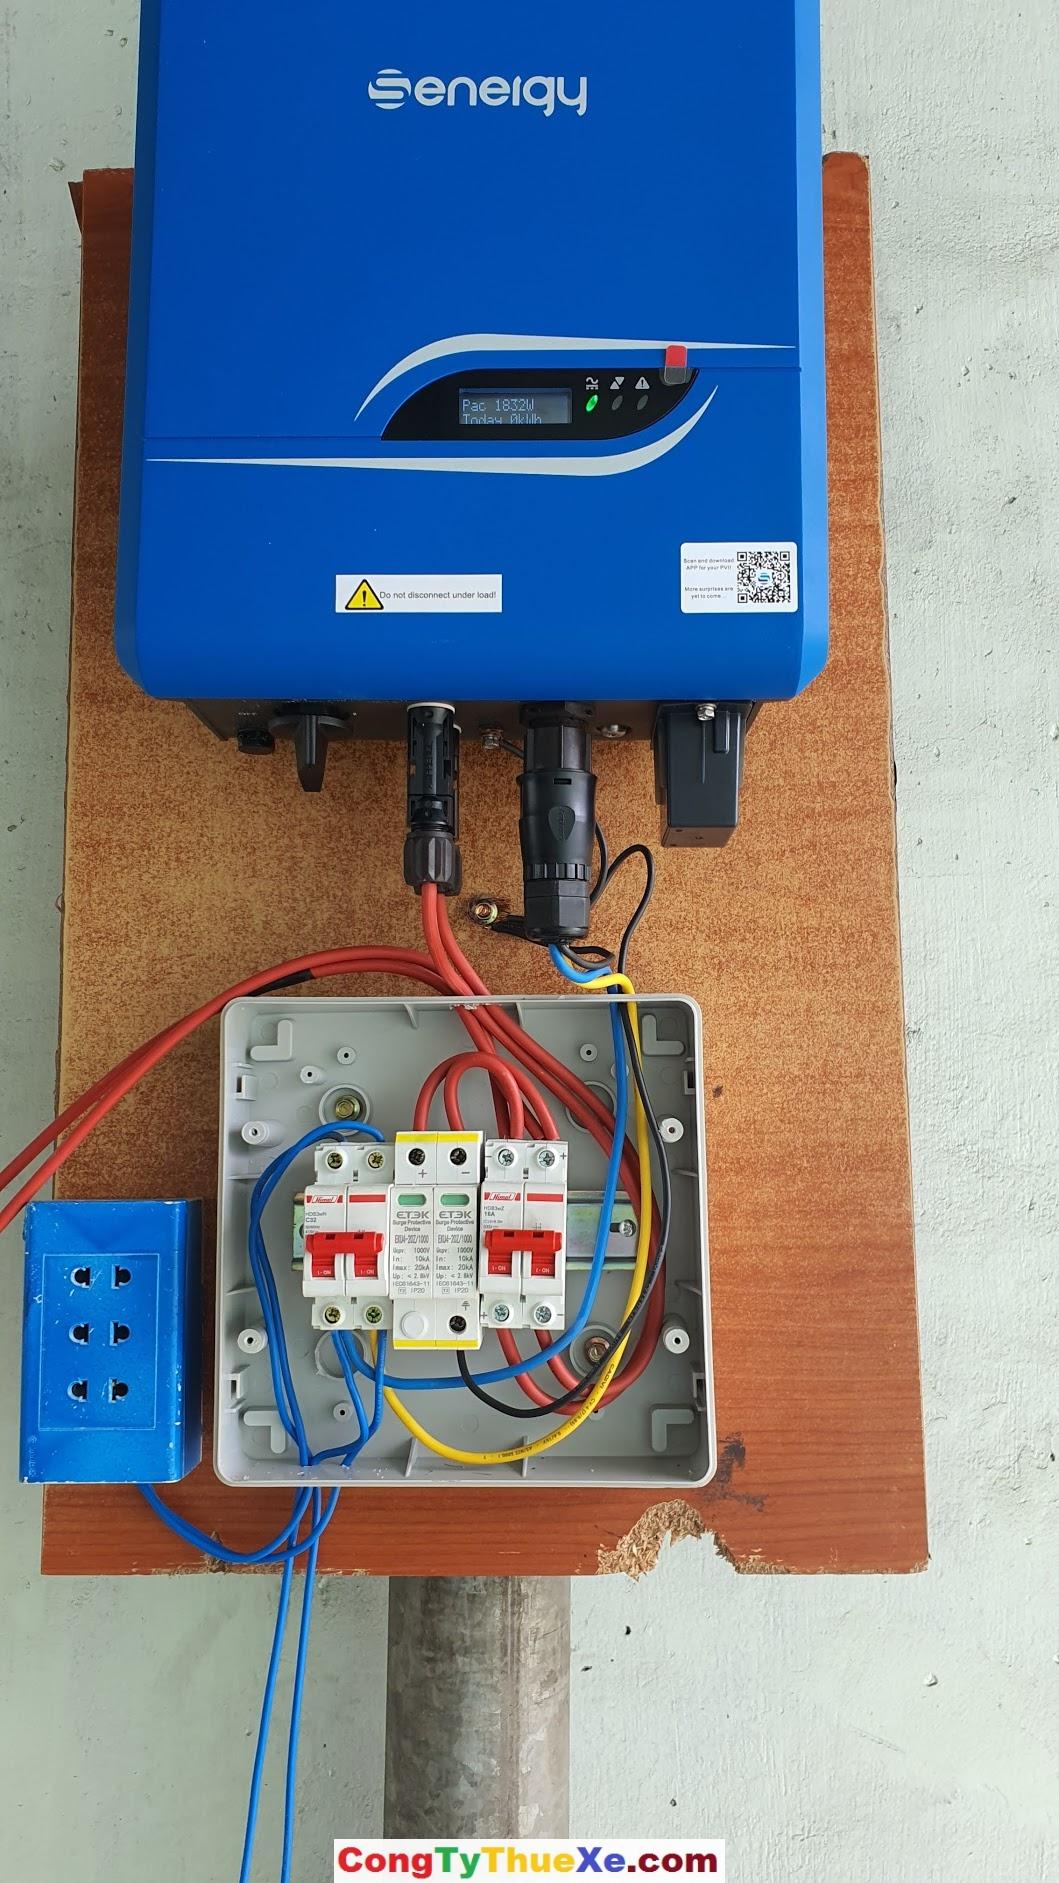 Senergy inverter